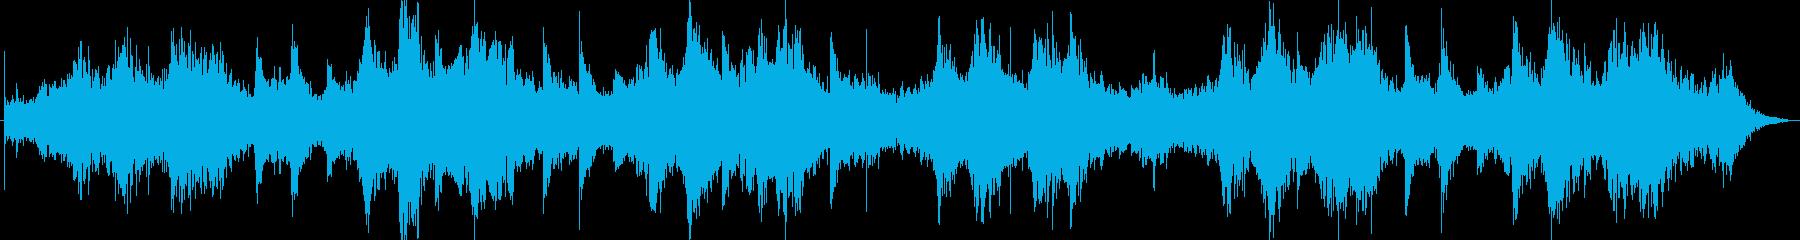 幻想的なシンセサイザーのヒーリング曲の再生済みの波形